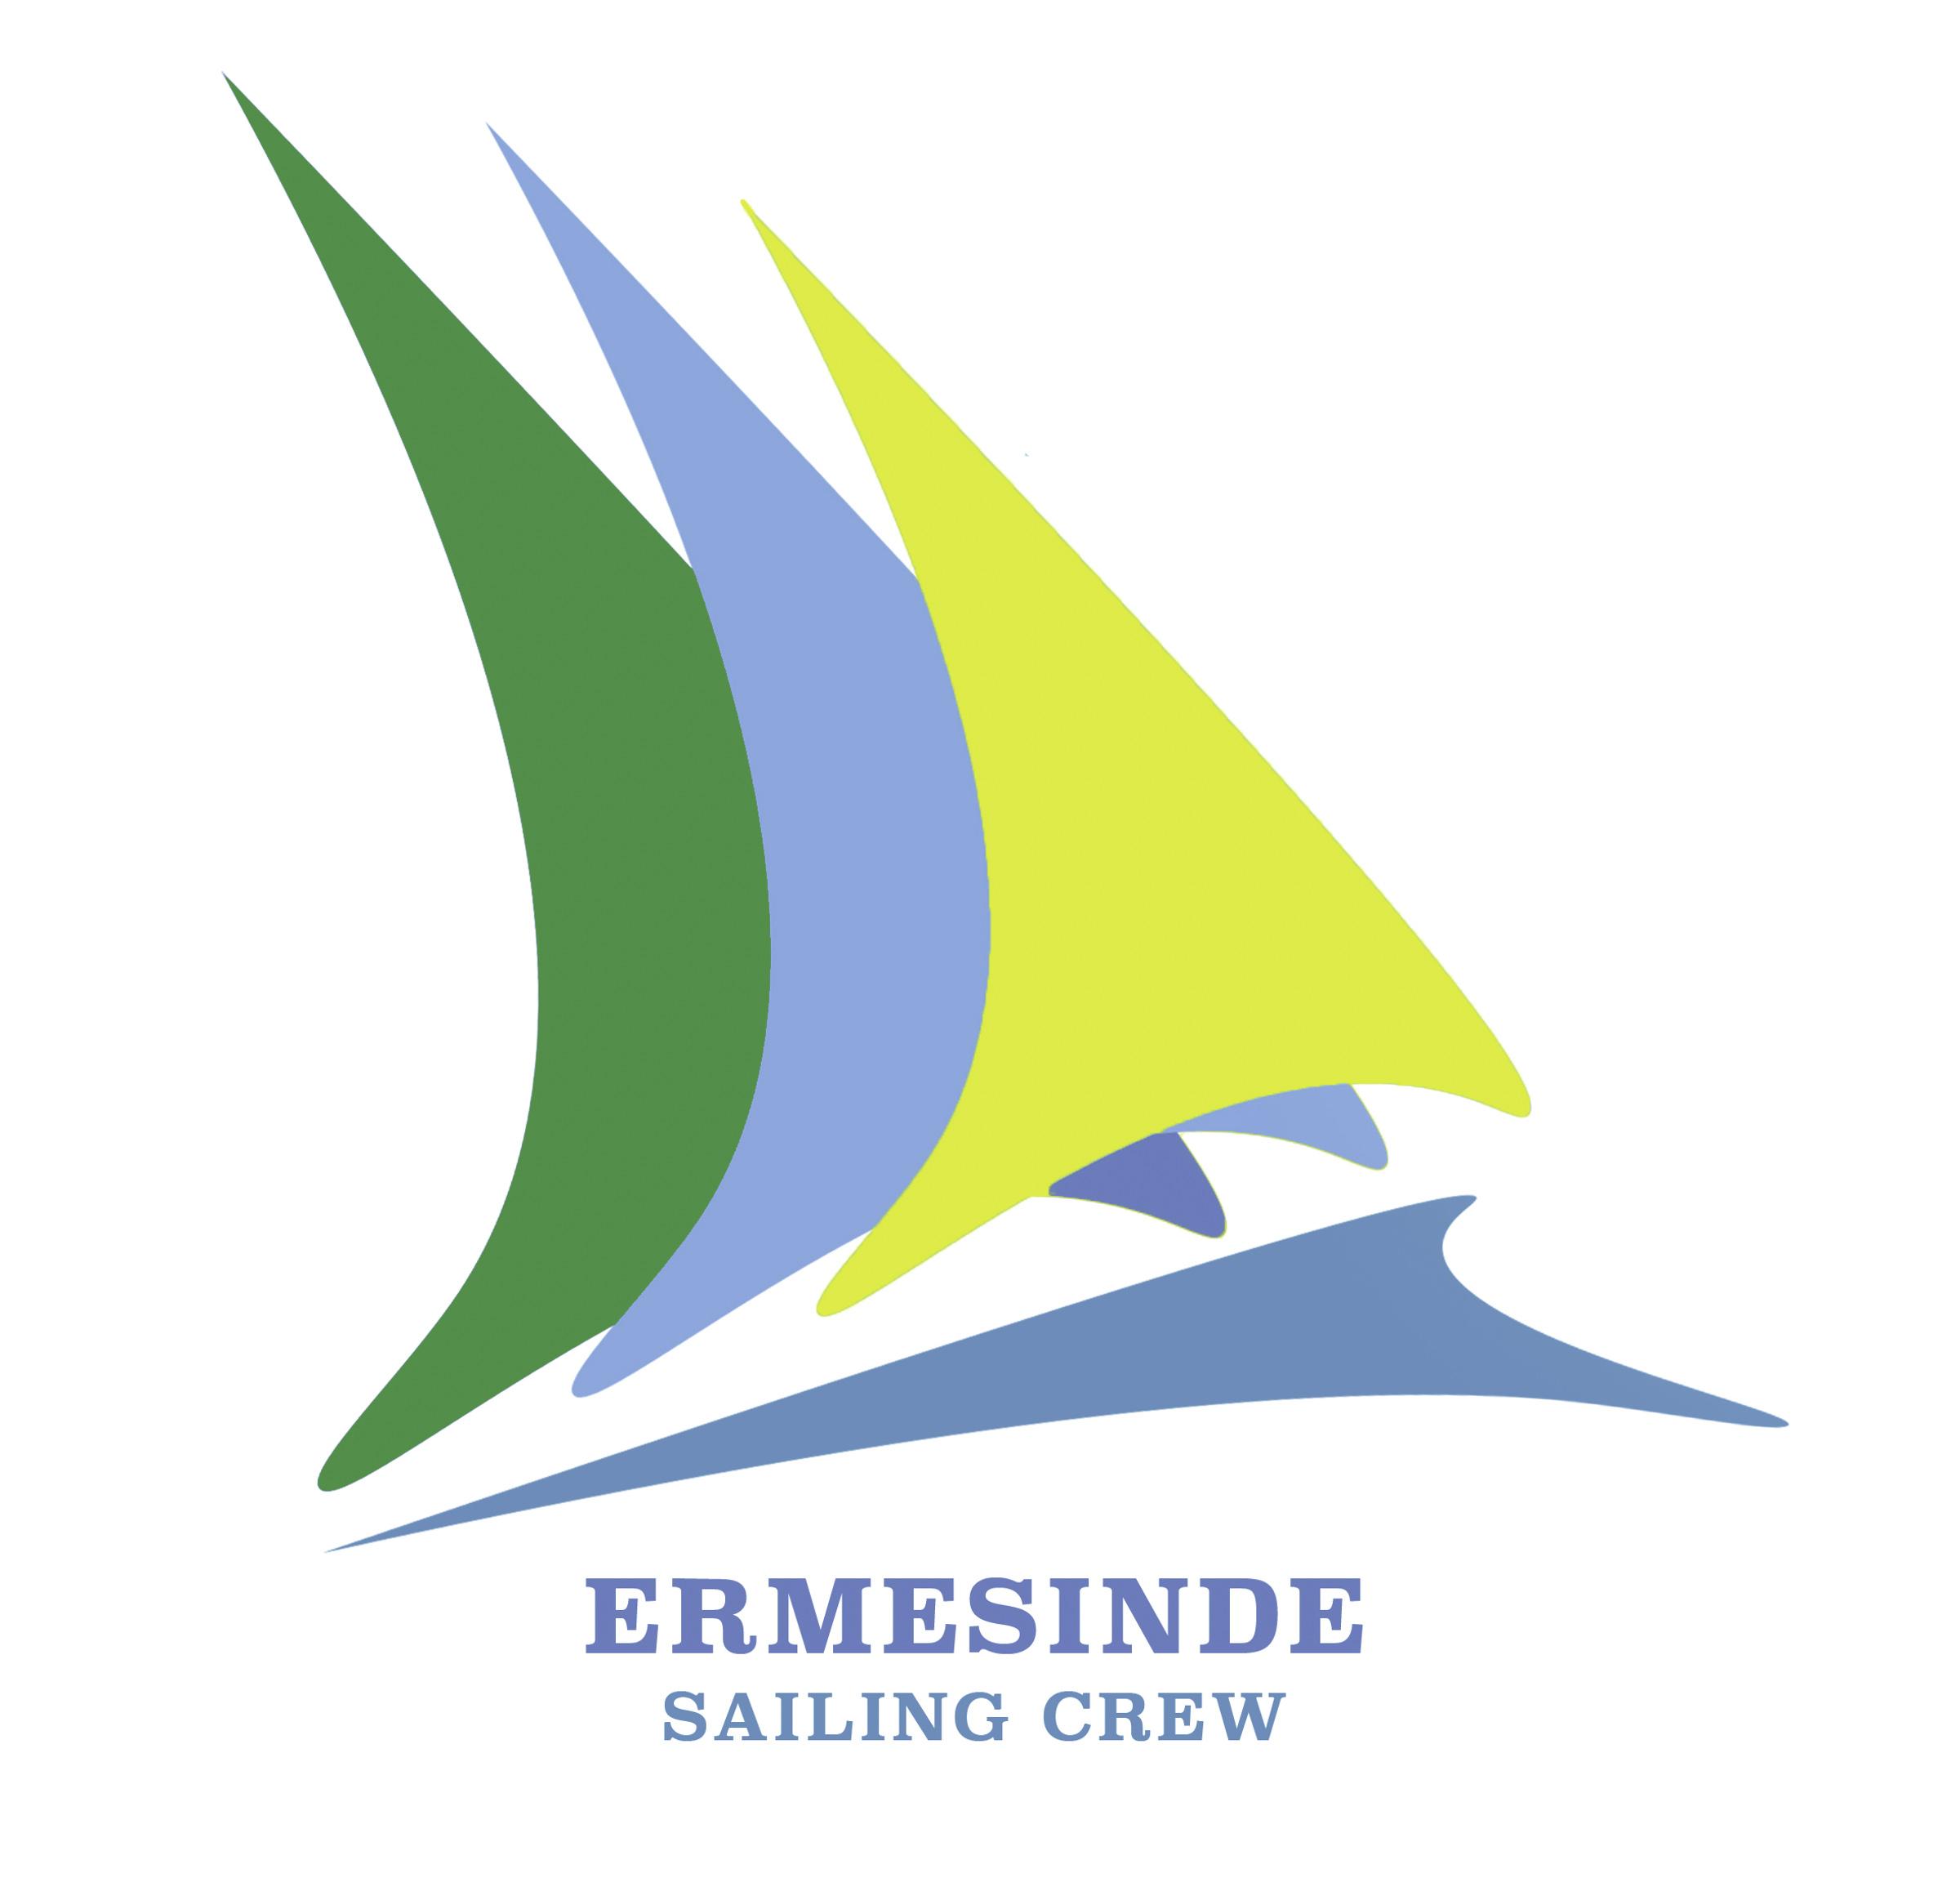 Ermesinde Sailing logo 2-1